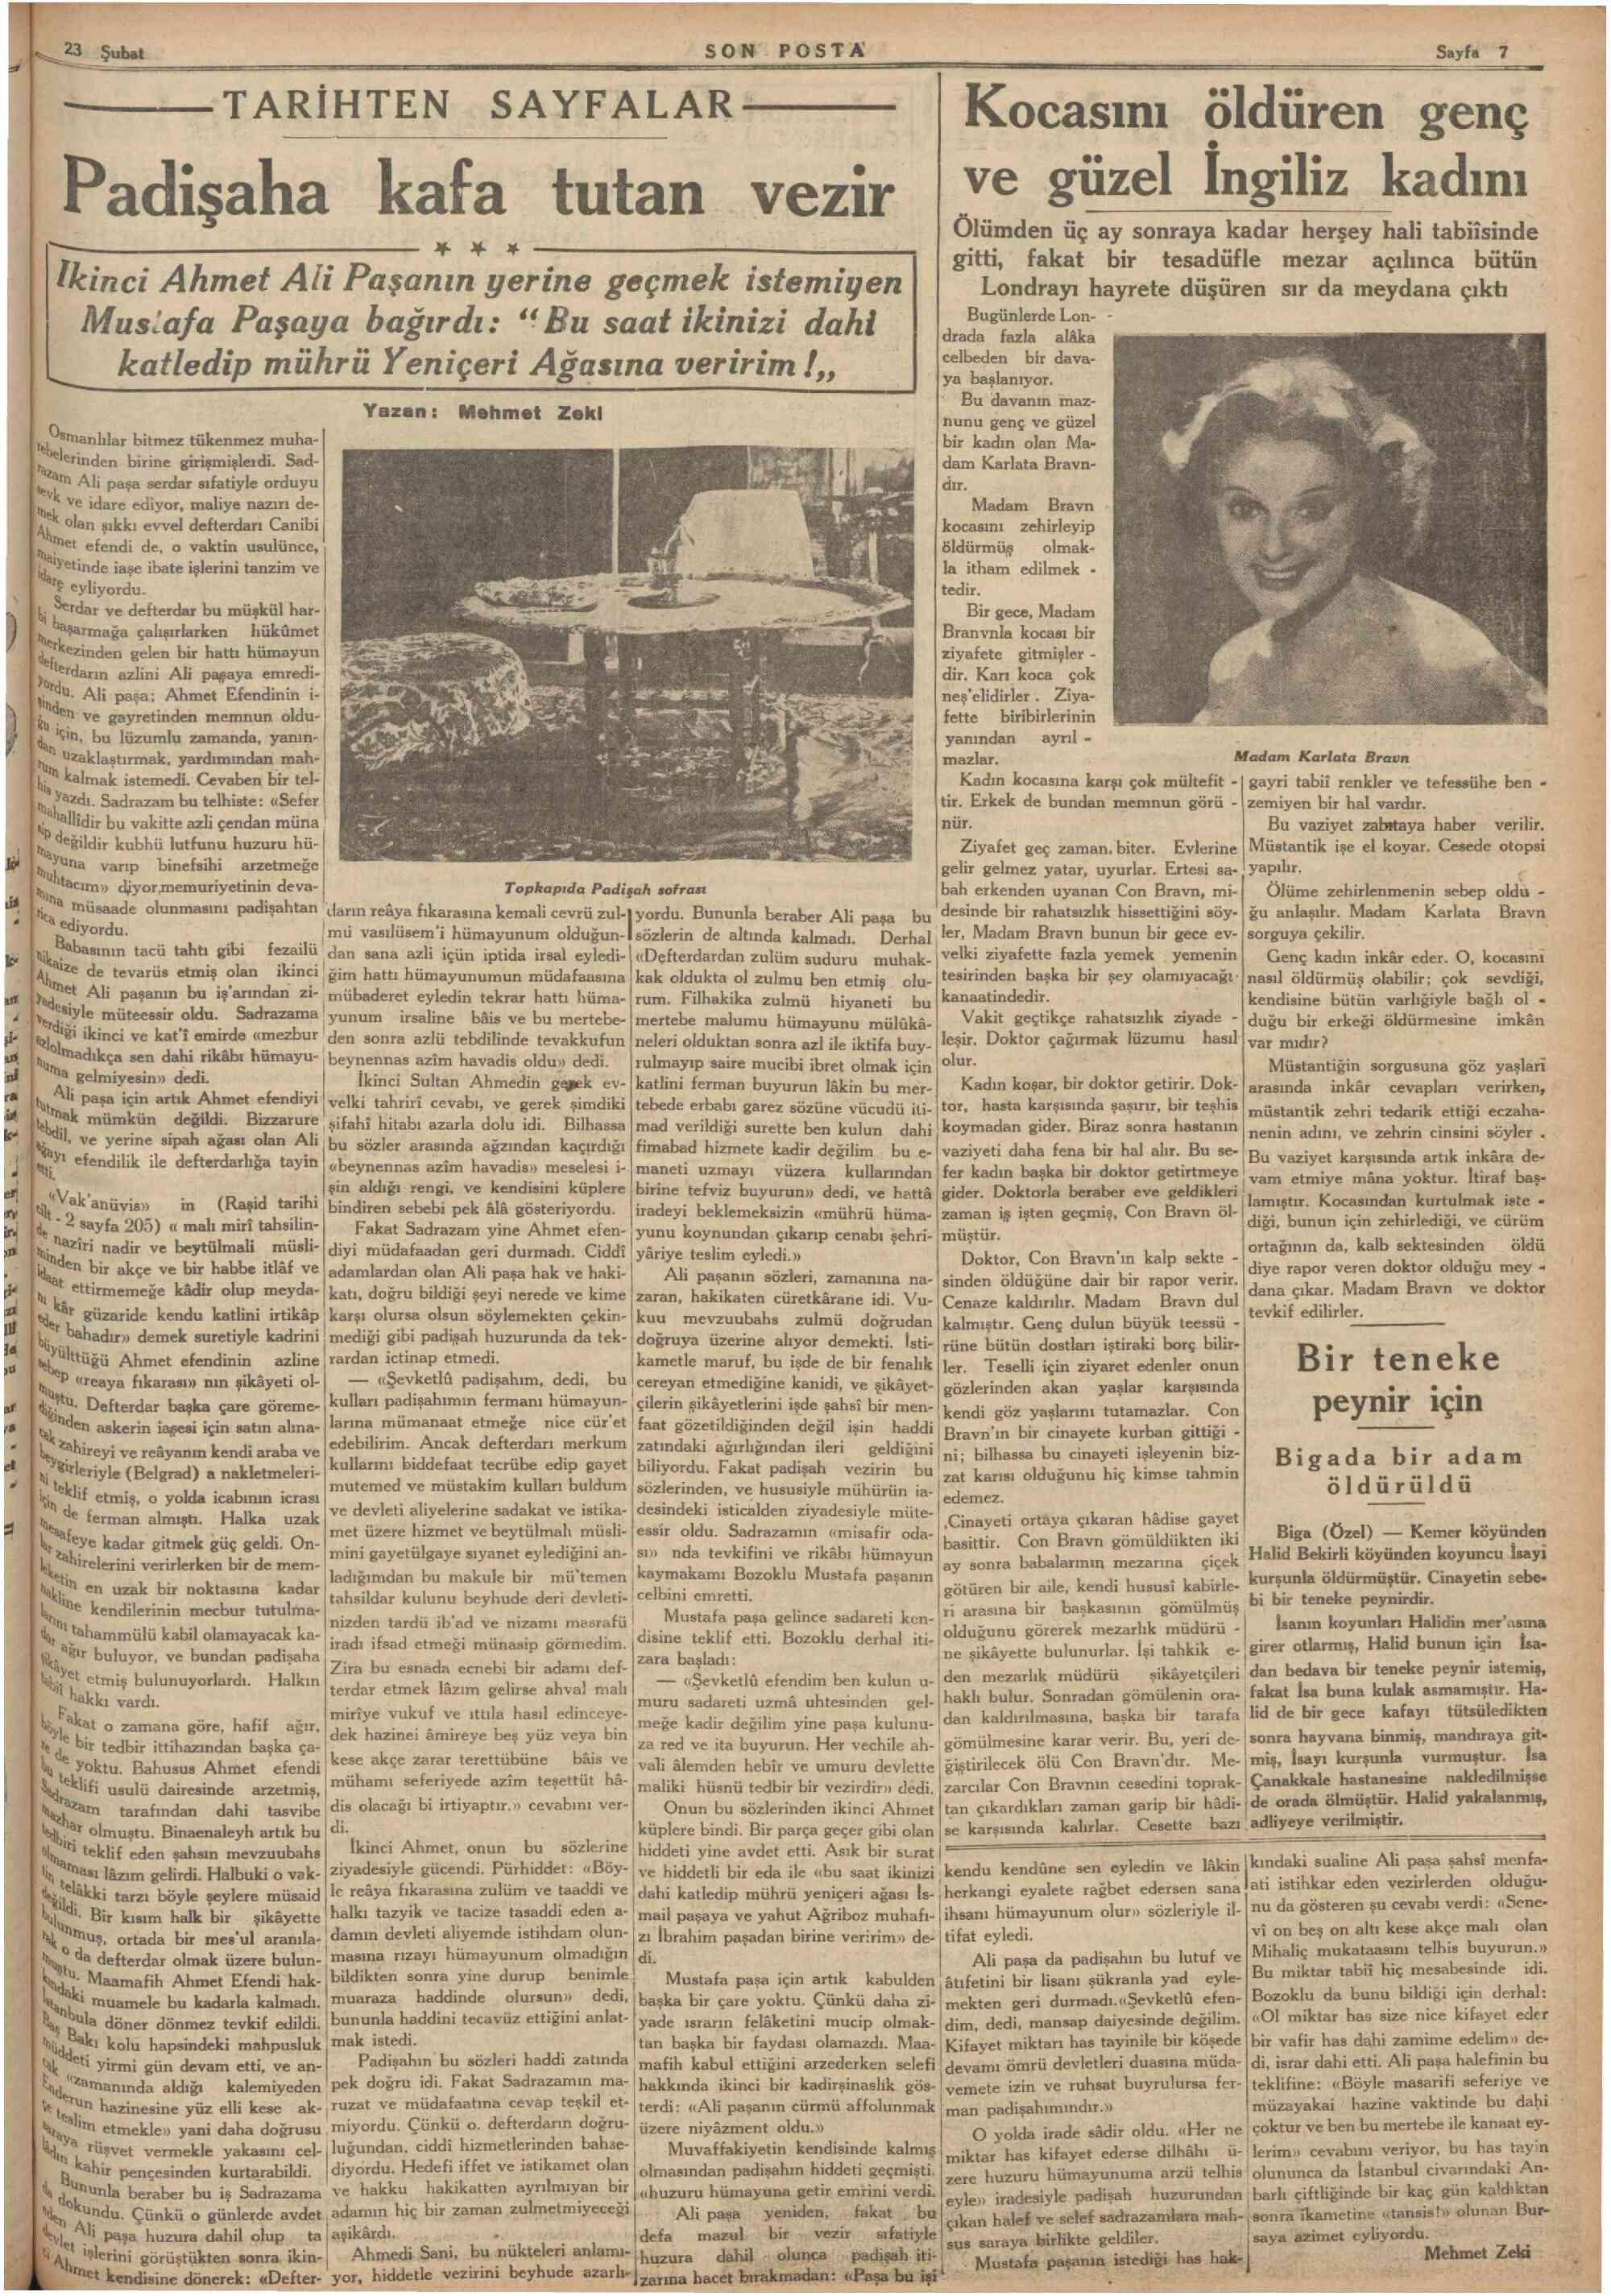 23 Şubat 1936 Tarihli Son Posta Gazetesi Sayfa 8